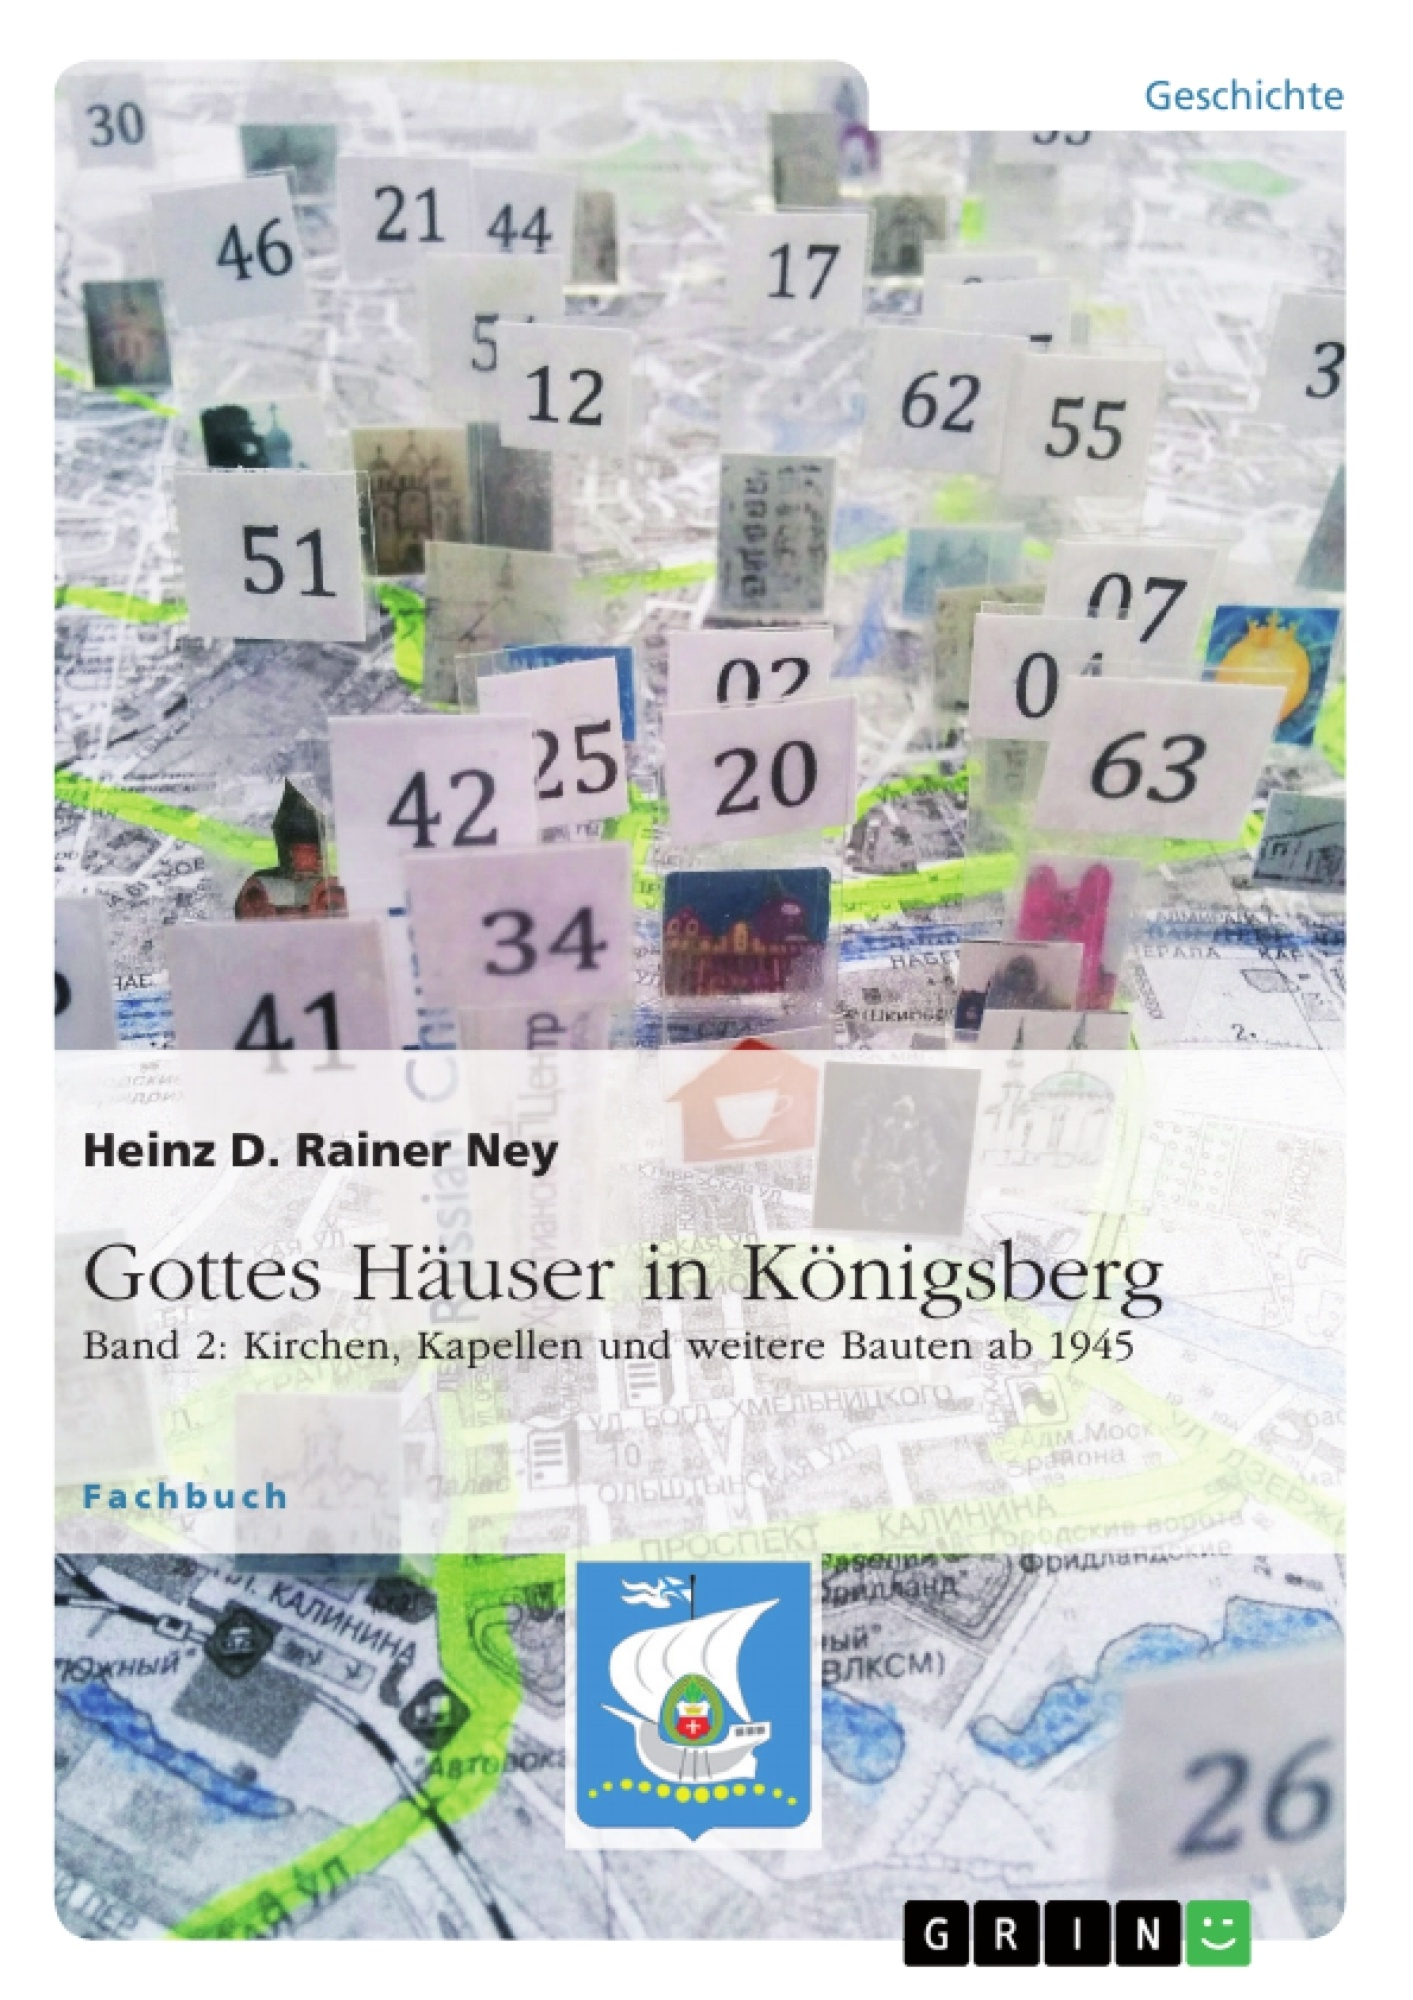 Titel: Gottes Häuser in Königsberg. Band 2: Kirchen, Kapellen und weitere Bauten ab 1945